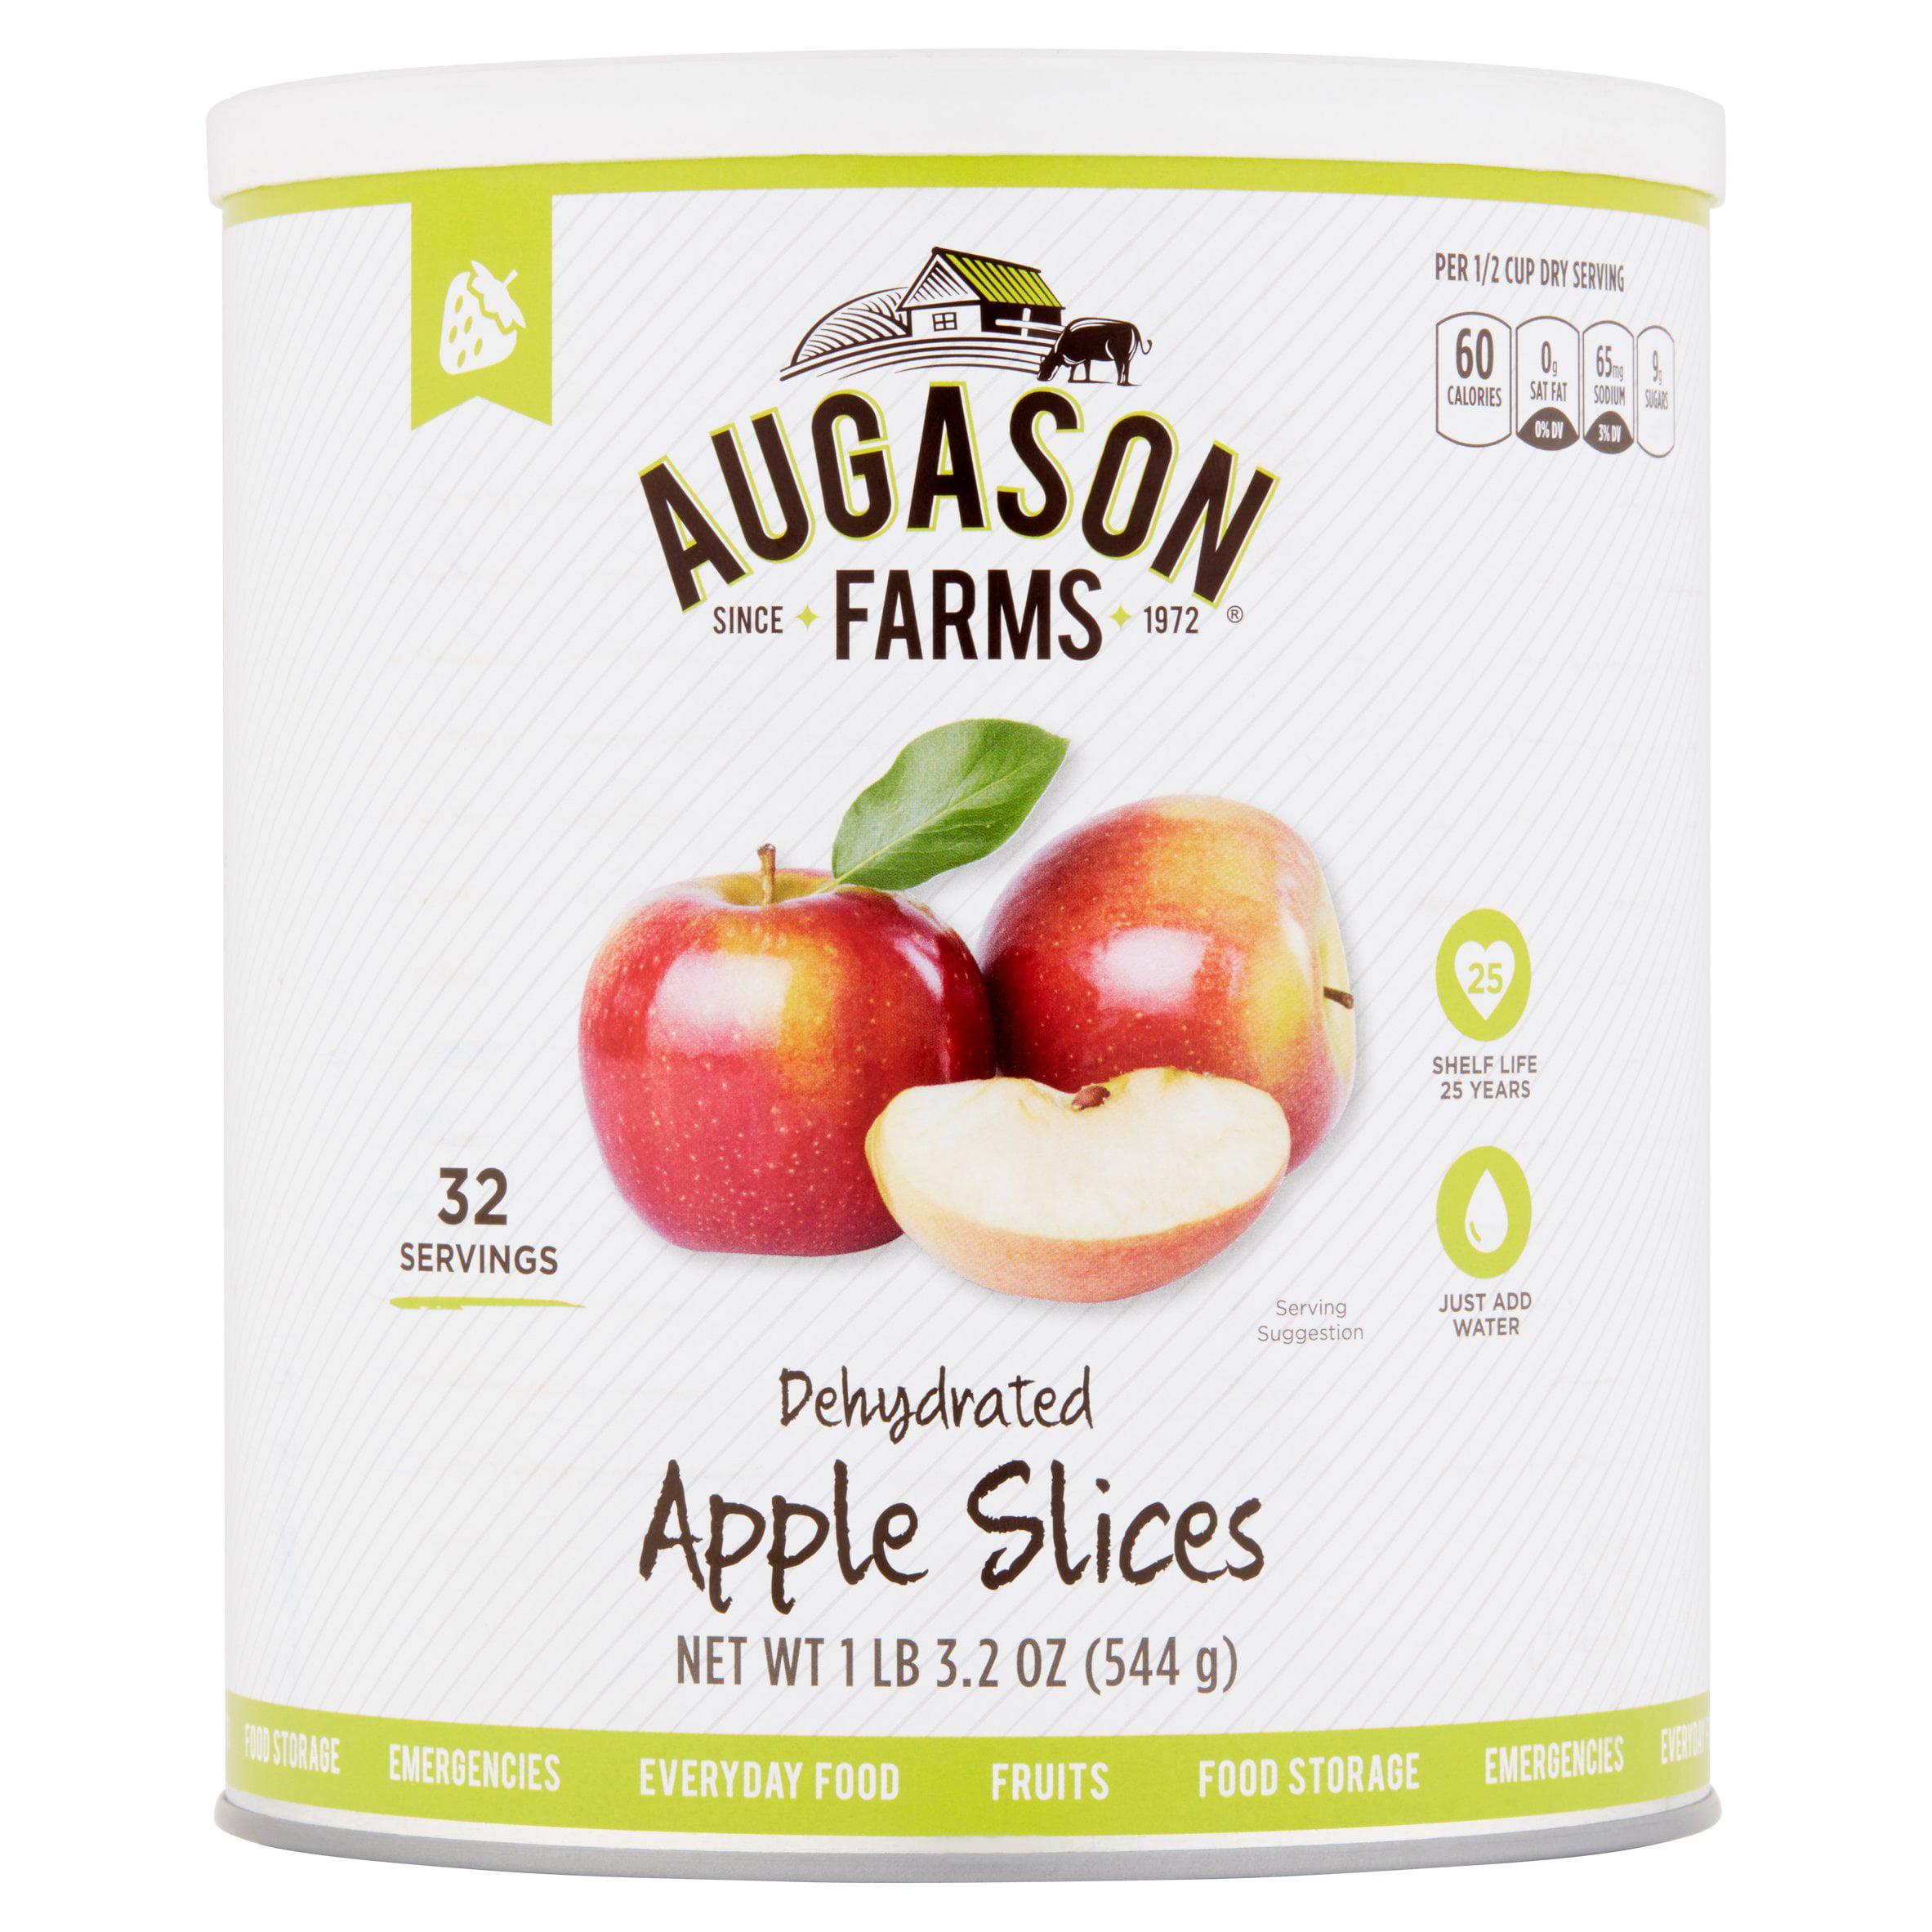 Augason Farms Dehydrated Apple Slices 19 oz #10 Can by Augason Farms